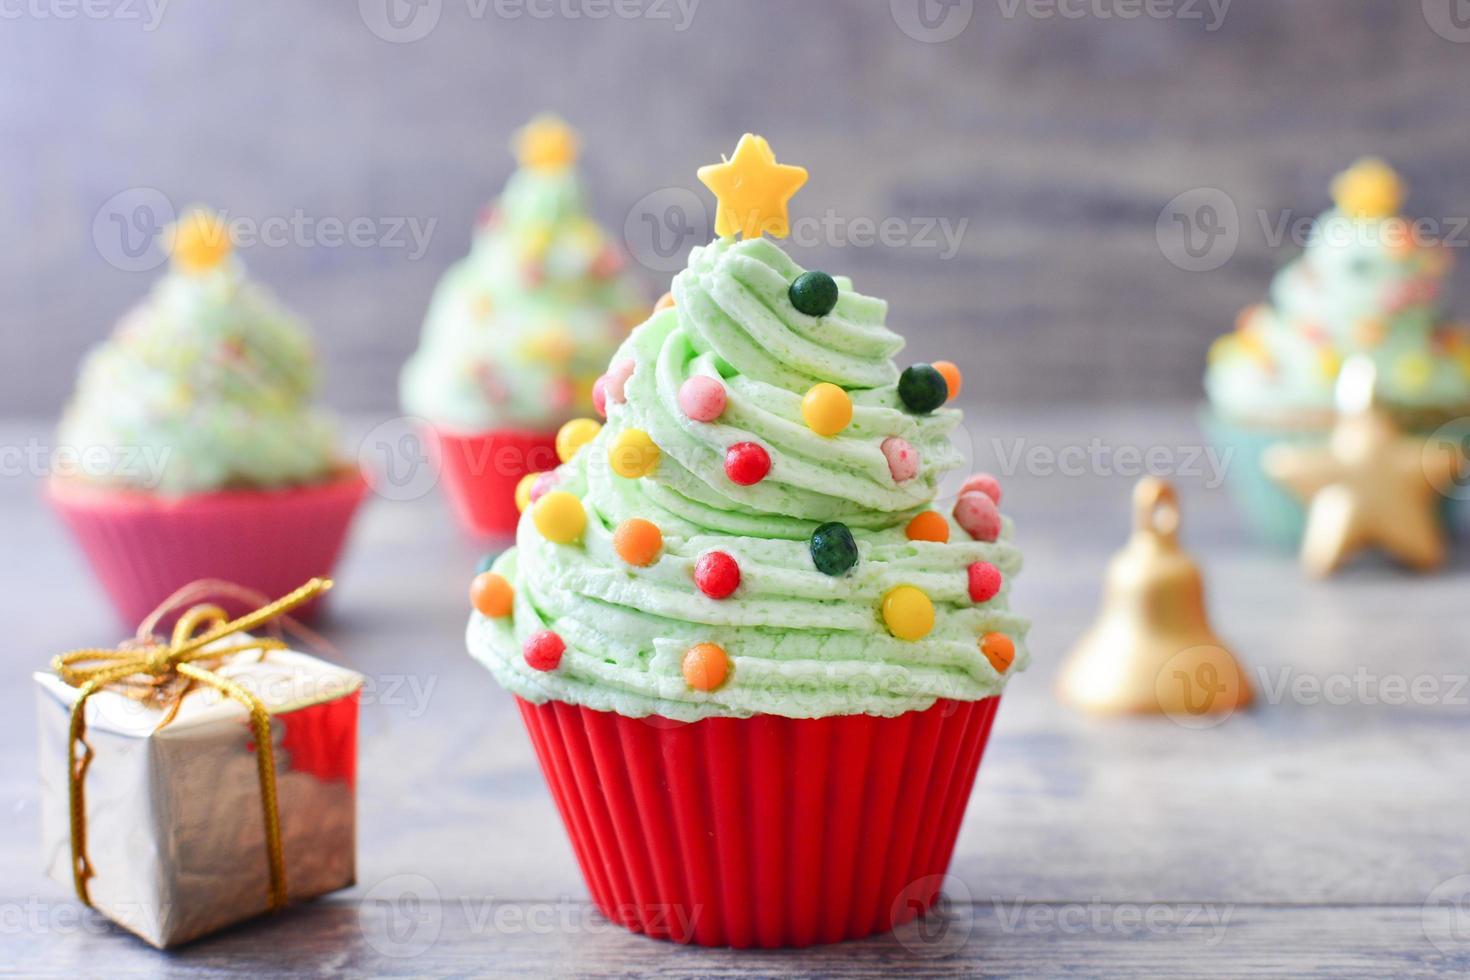 cupcakes con forma de árbol de navidad foto